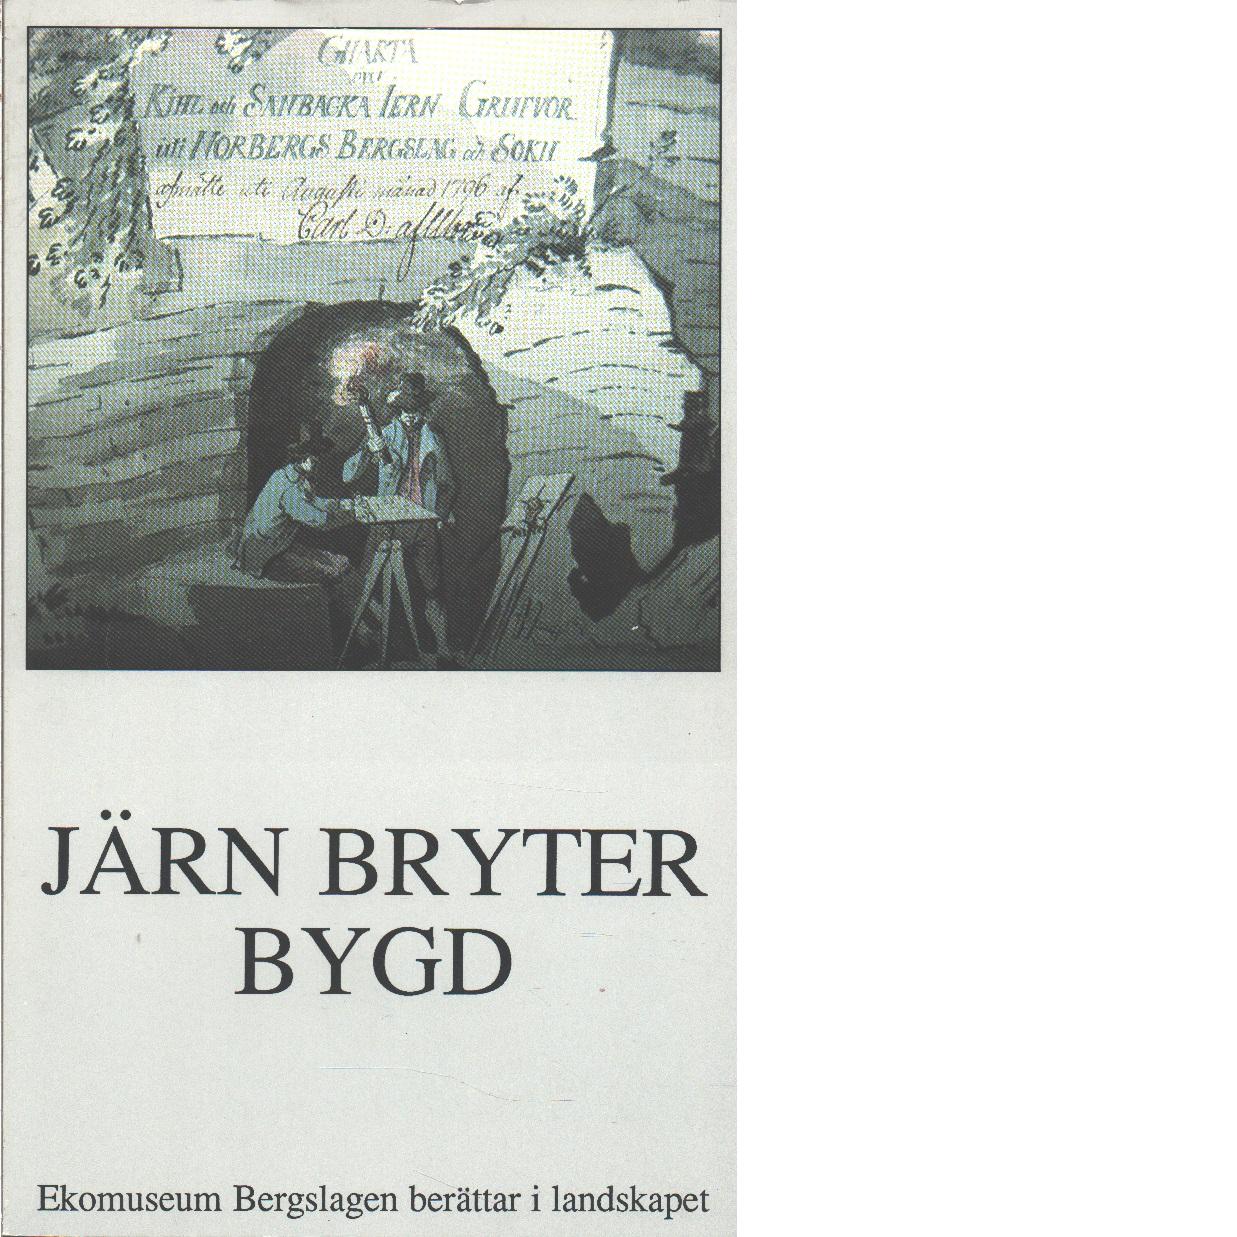 Järn bryter bygd : [Ekomuseum Bergslagen berättar i landskapet] - Sörenson, Ulf och Backlund, Ann-Charlotte